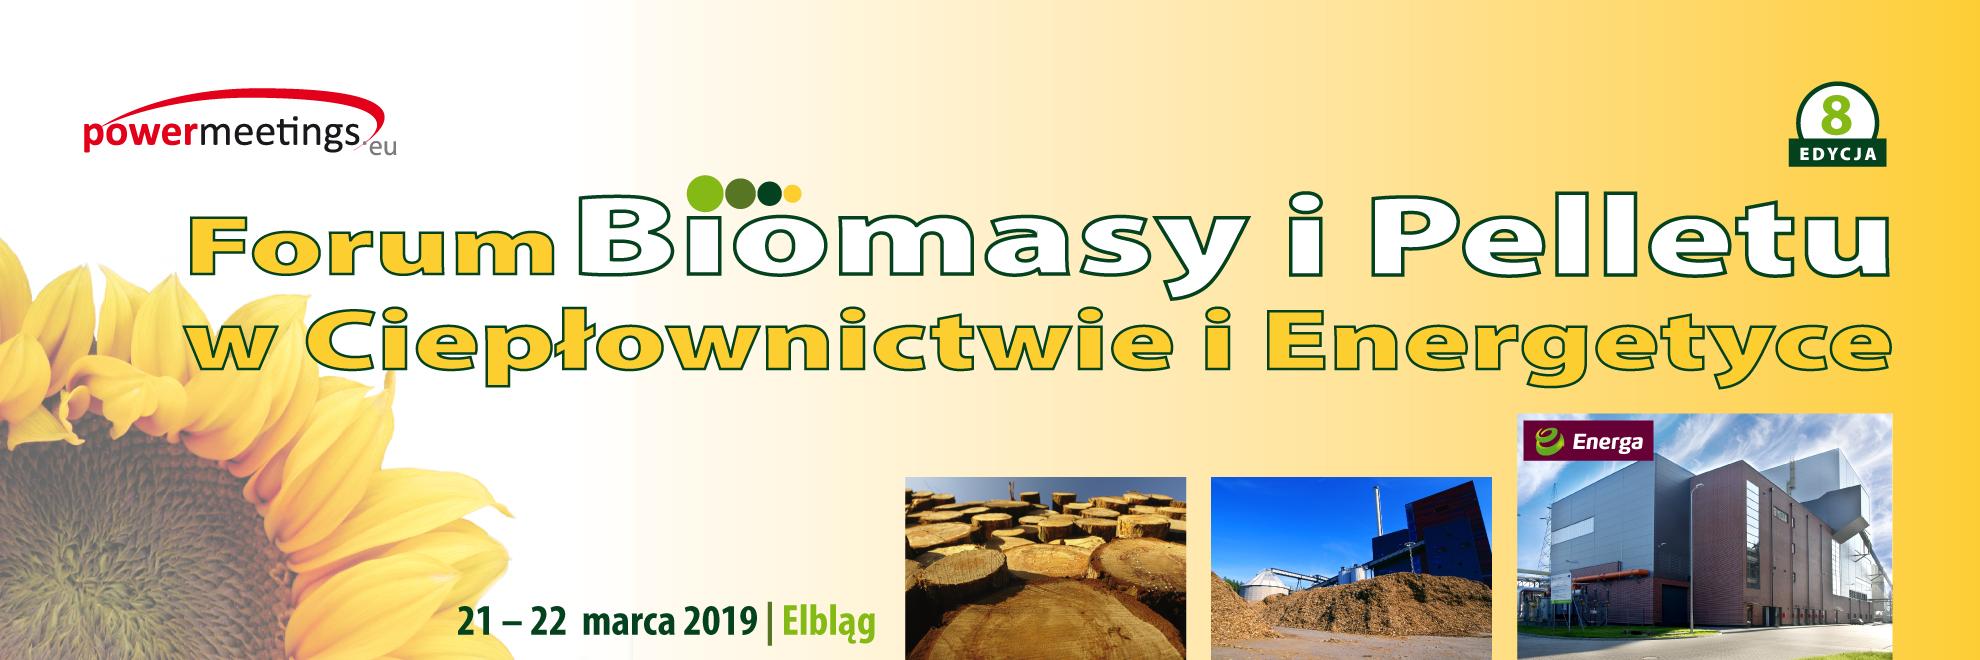 VIII Forum Biomasy i Pelletu w Ciepłownictwie i Energetyce